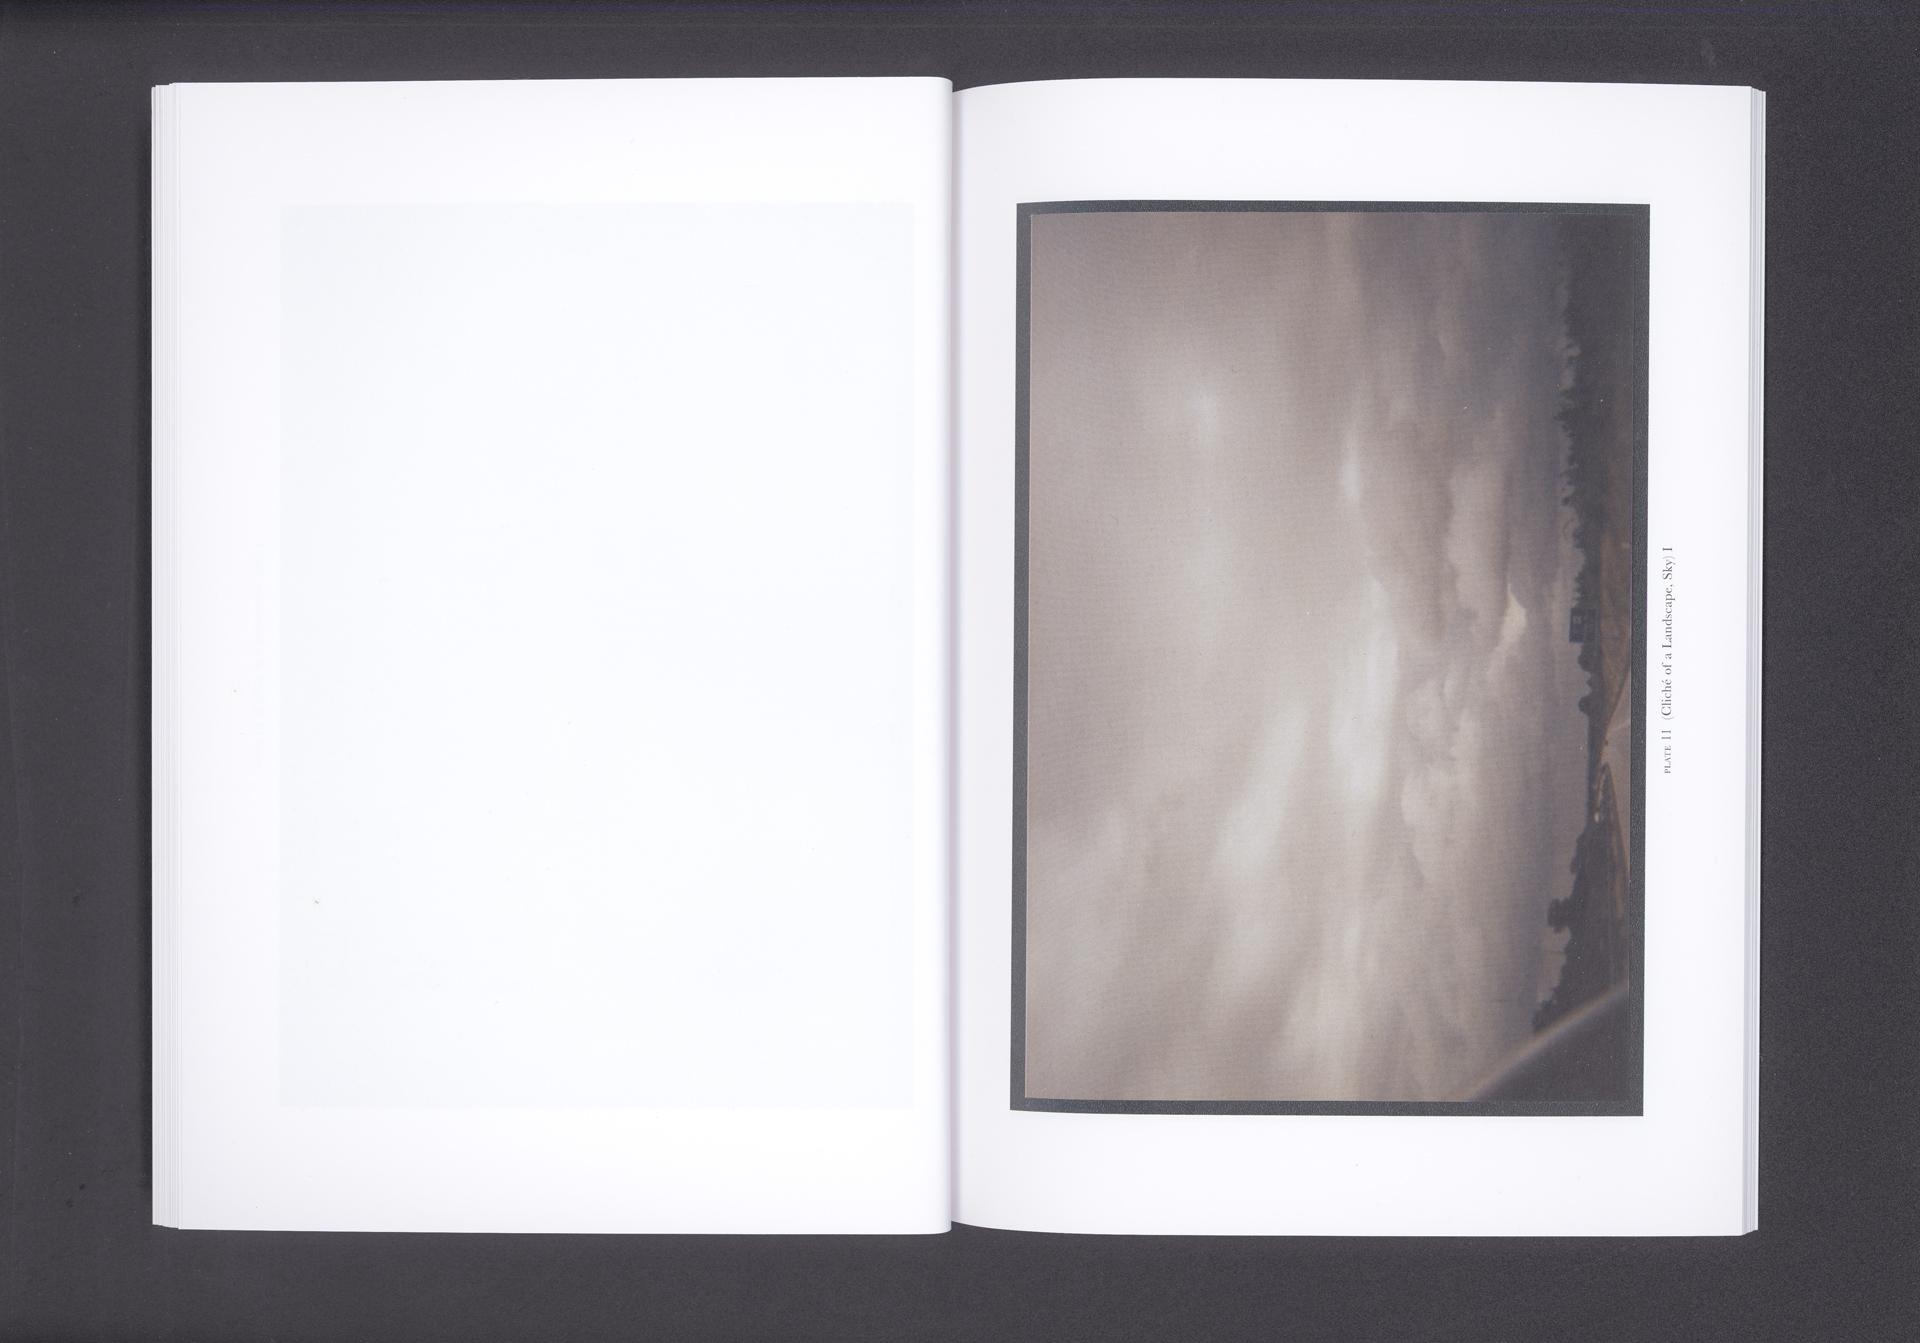 INGA KERBER M.E.P (Clichés), Argo Books Berlin, 2013